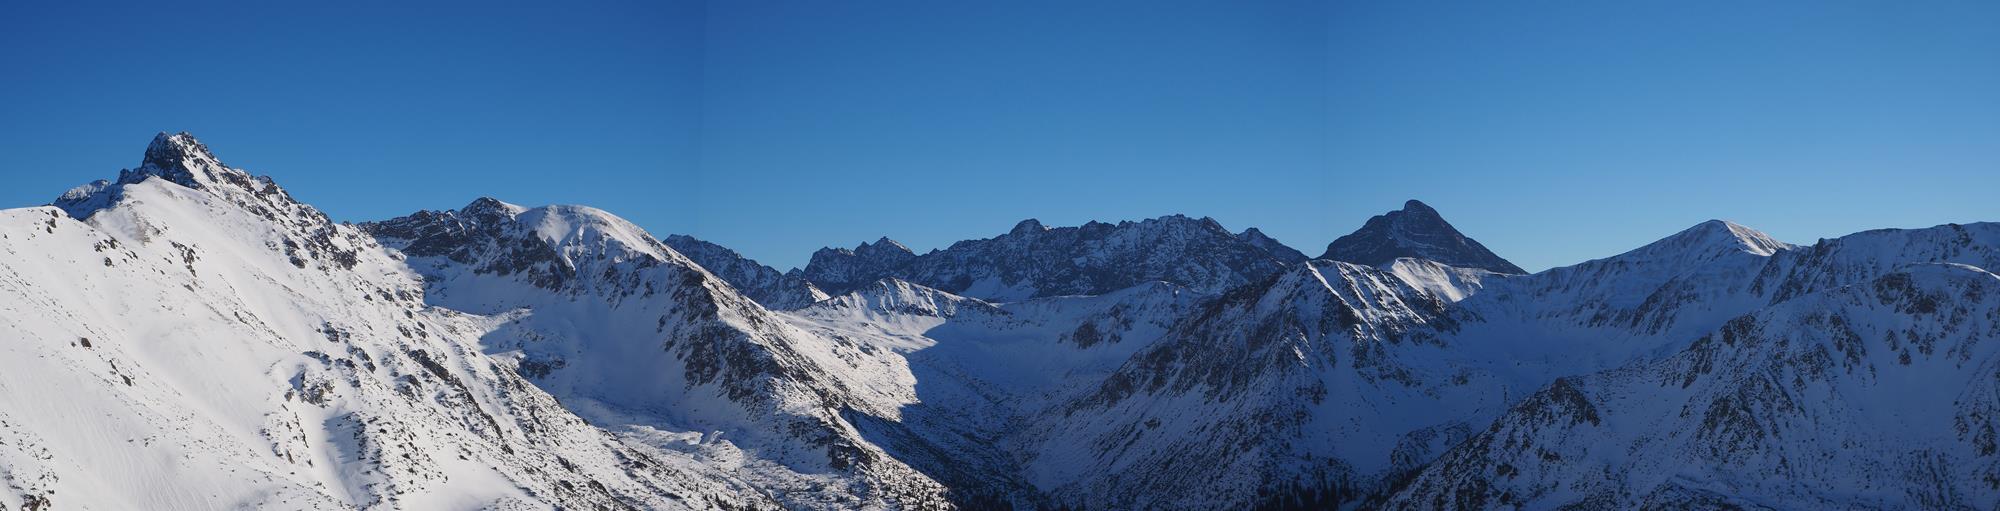 Panorama spod Kasprowego Wierchu - Górna część doliny Cichej, centralnie Cichy Wierch, po lewej Świnica.